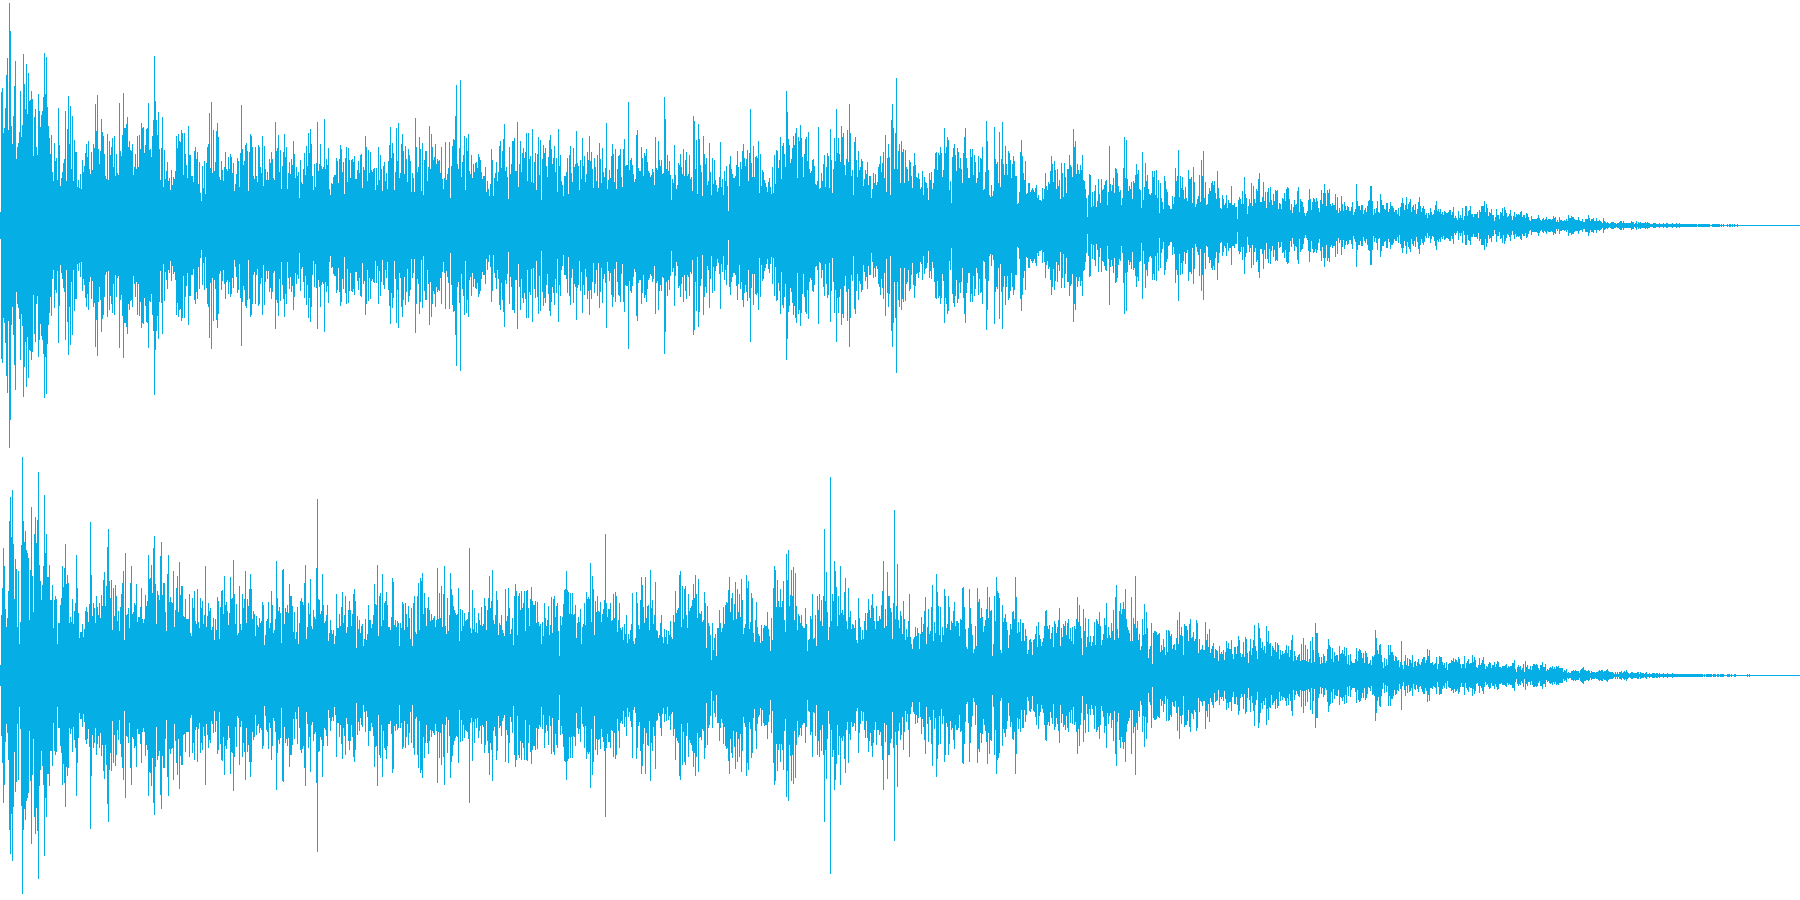 InvaderBuzz 発砲音 15の再生済みの波形